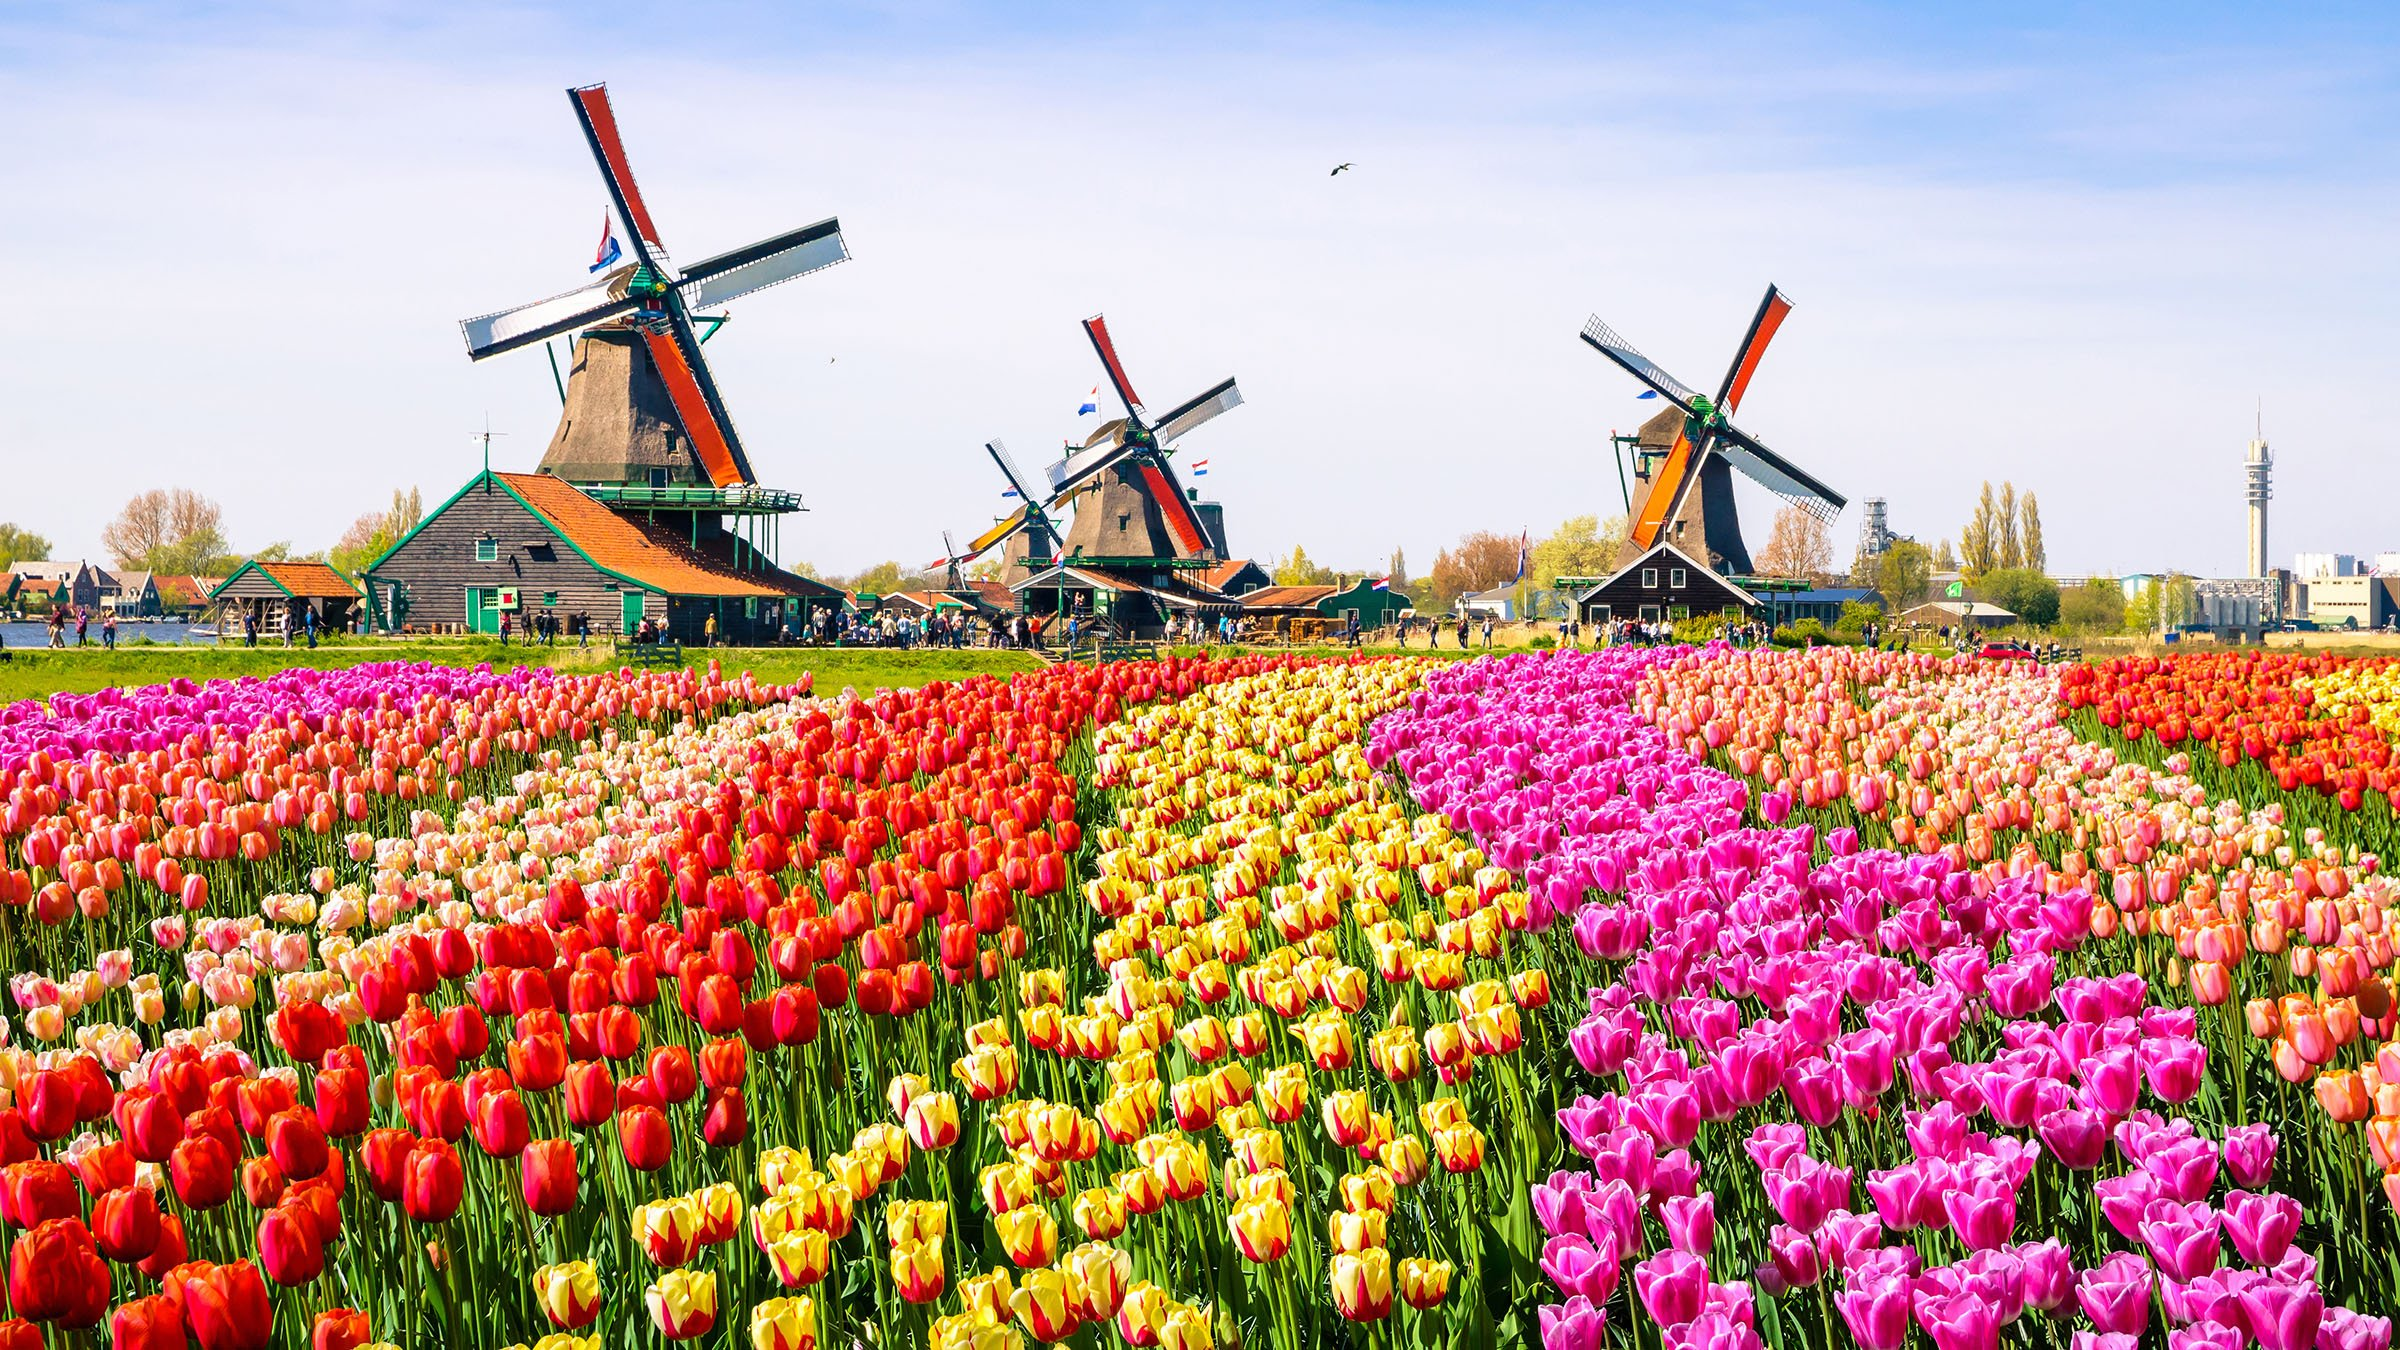 los coloridos tulipanes en zaanse schans holanda - Imagenes De Paisajes